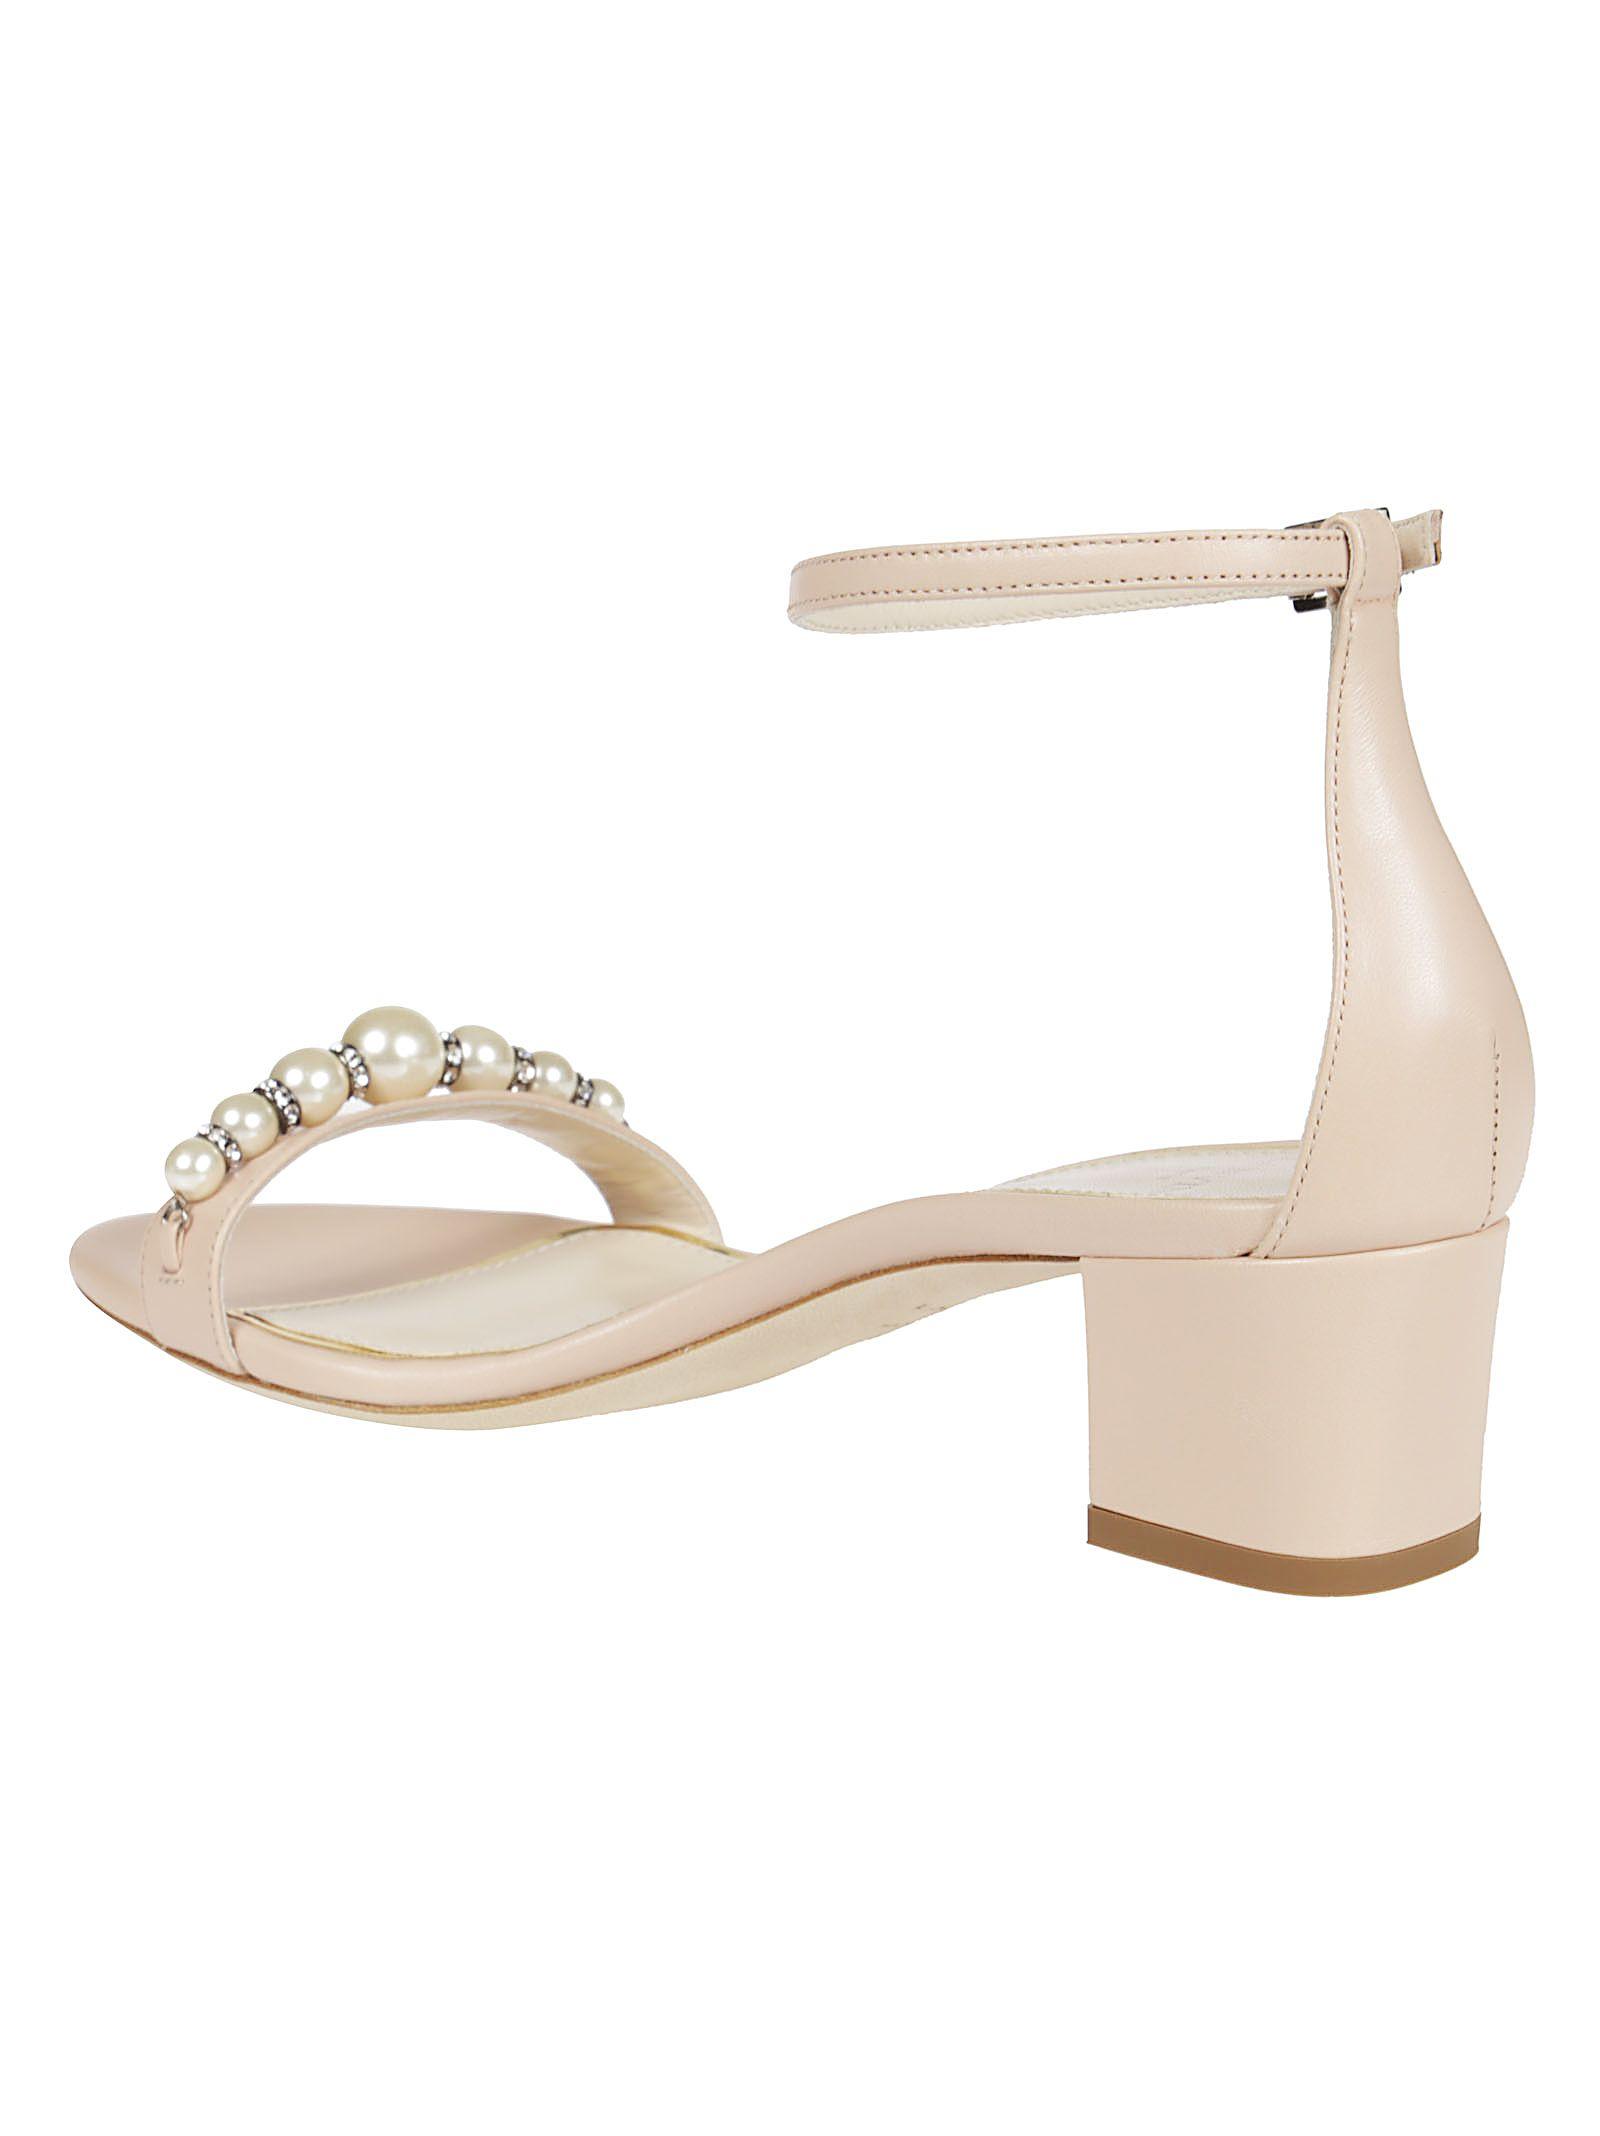 Lanvin Lanvin Pearl Embellished Sandals - Pink - 10554004